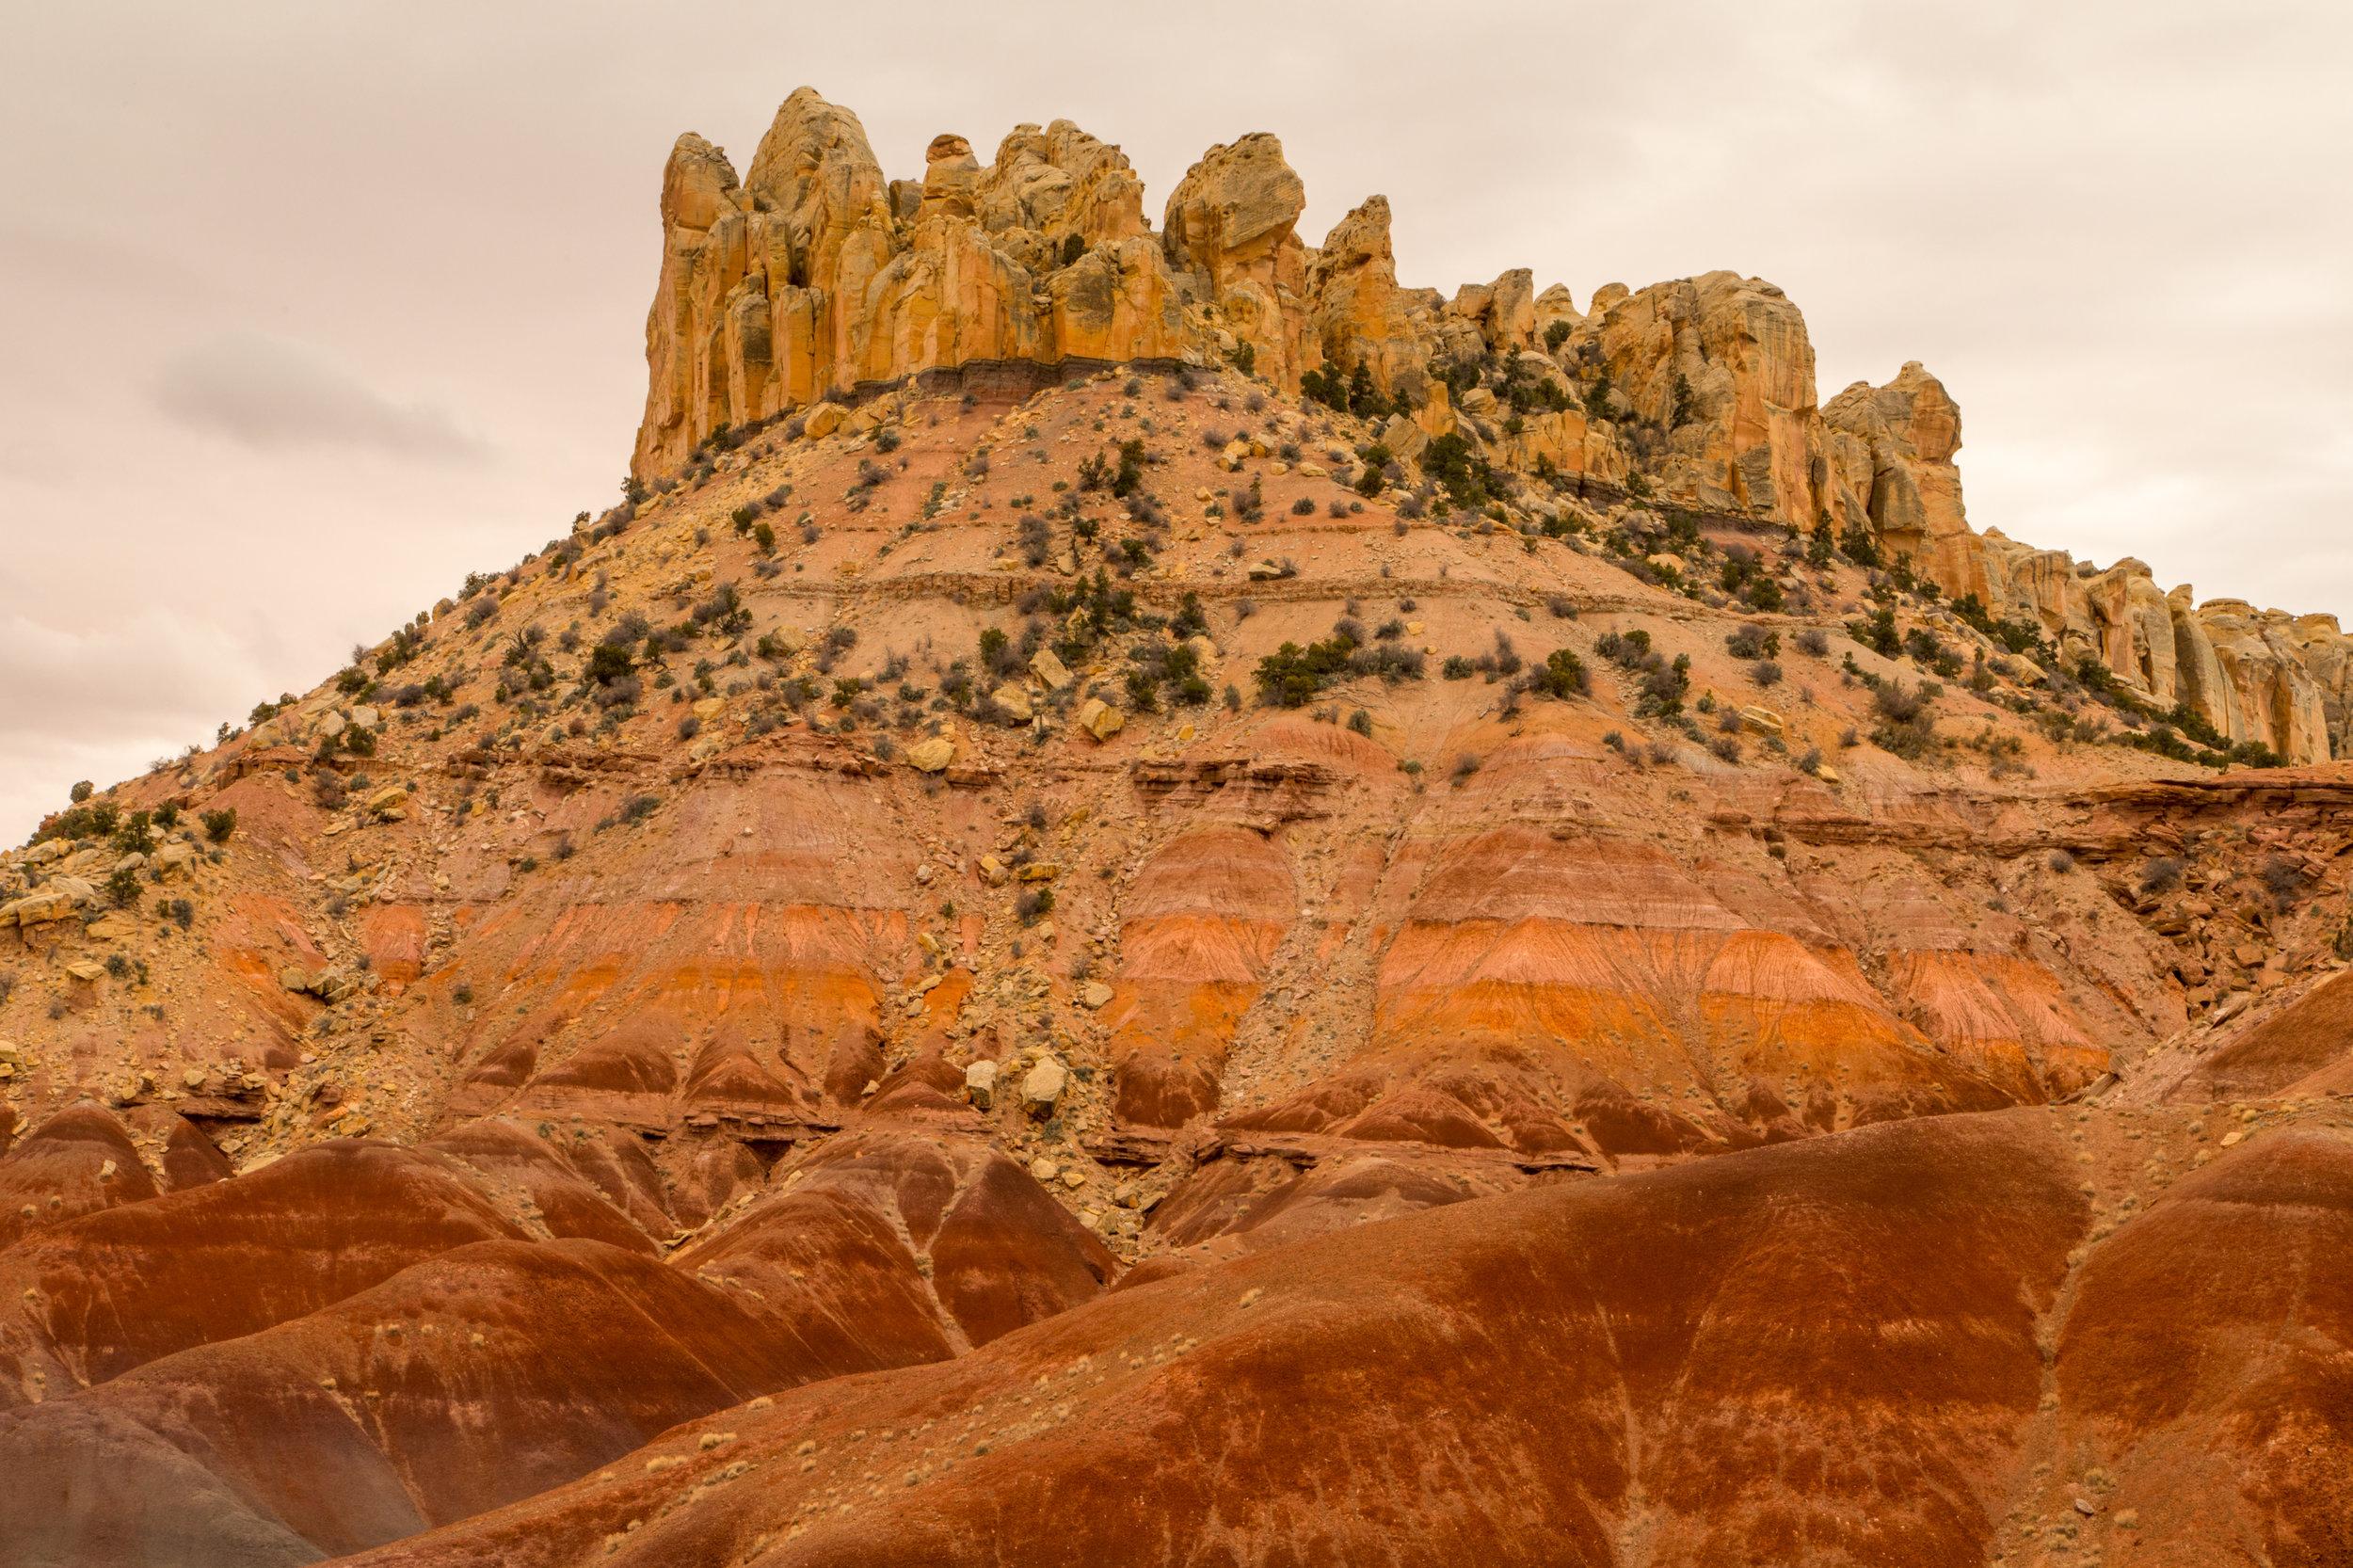 Burr Trail, Image # 4327